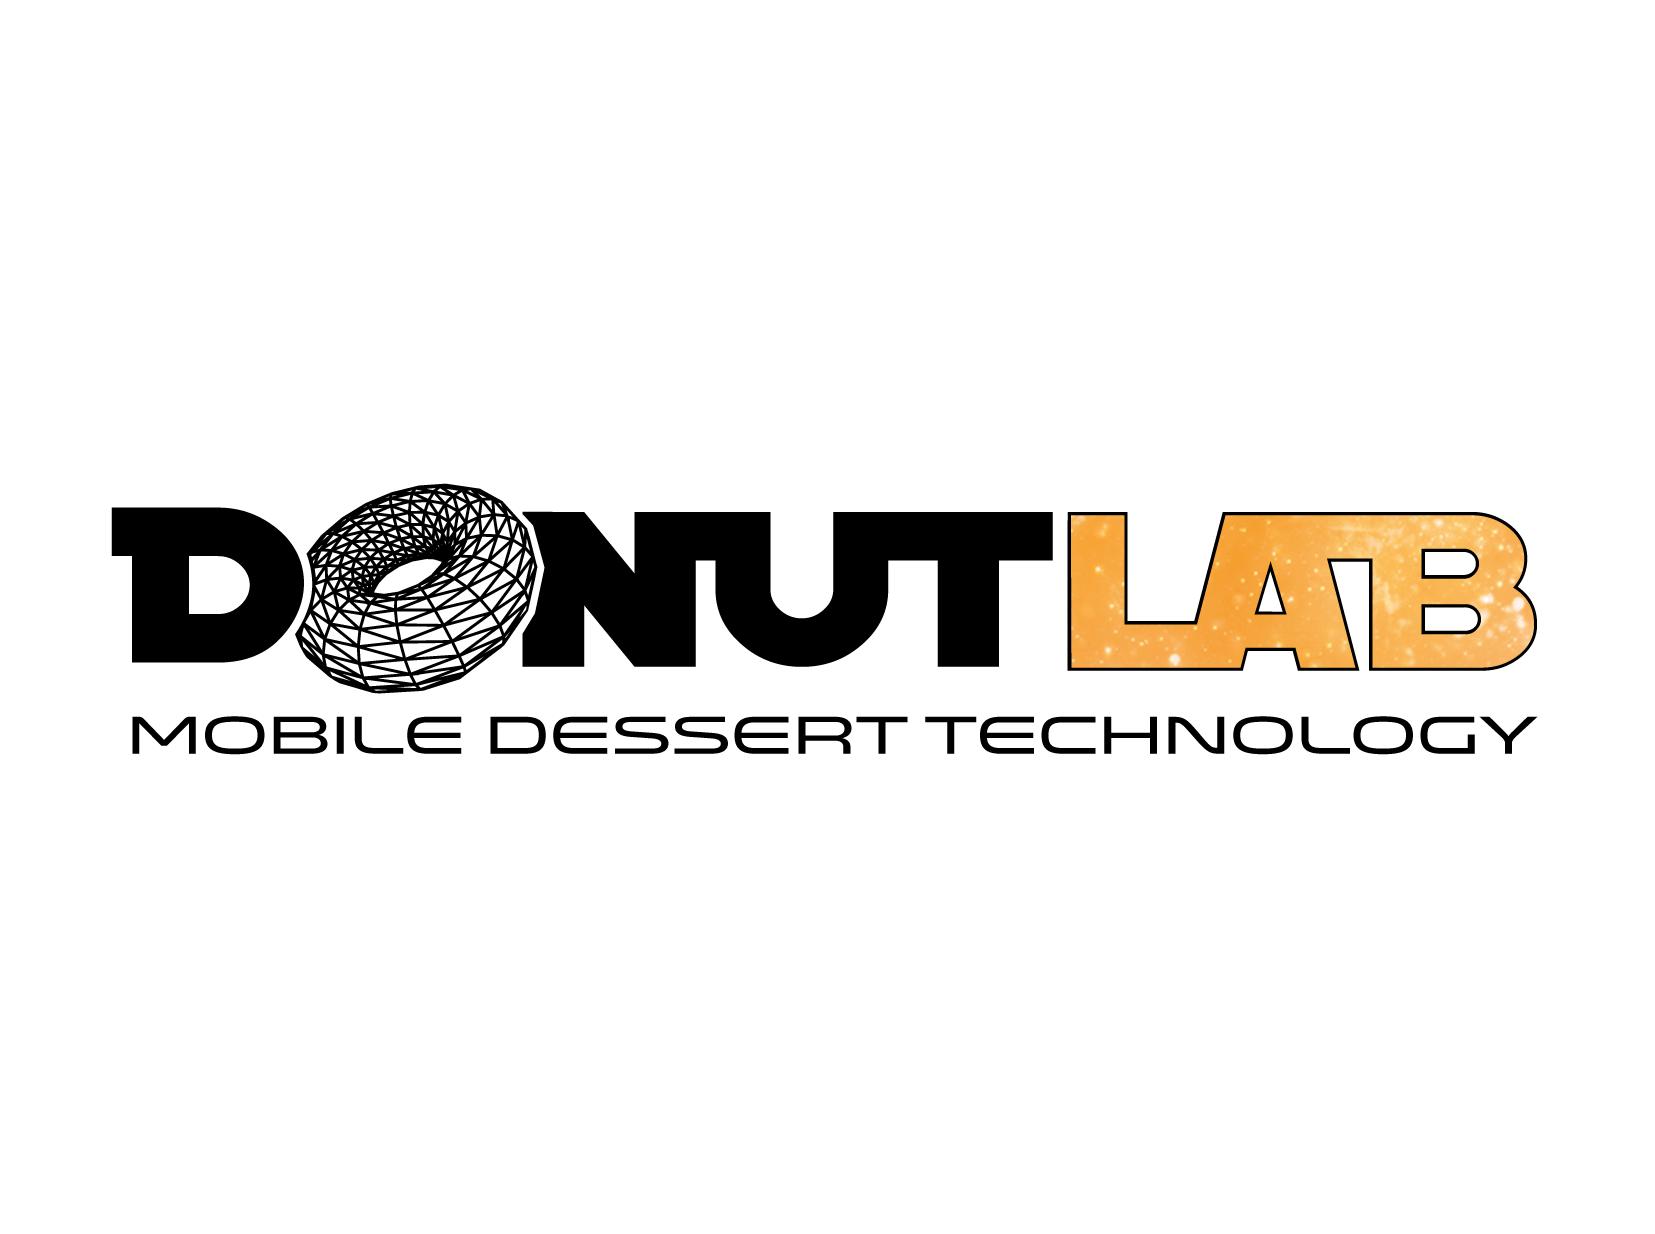 donut-lab_logo-new4-24-16-on-white